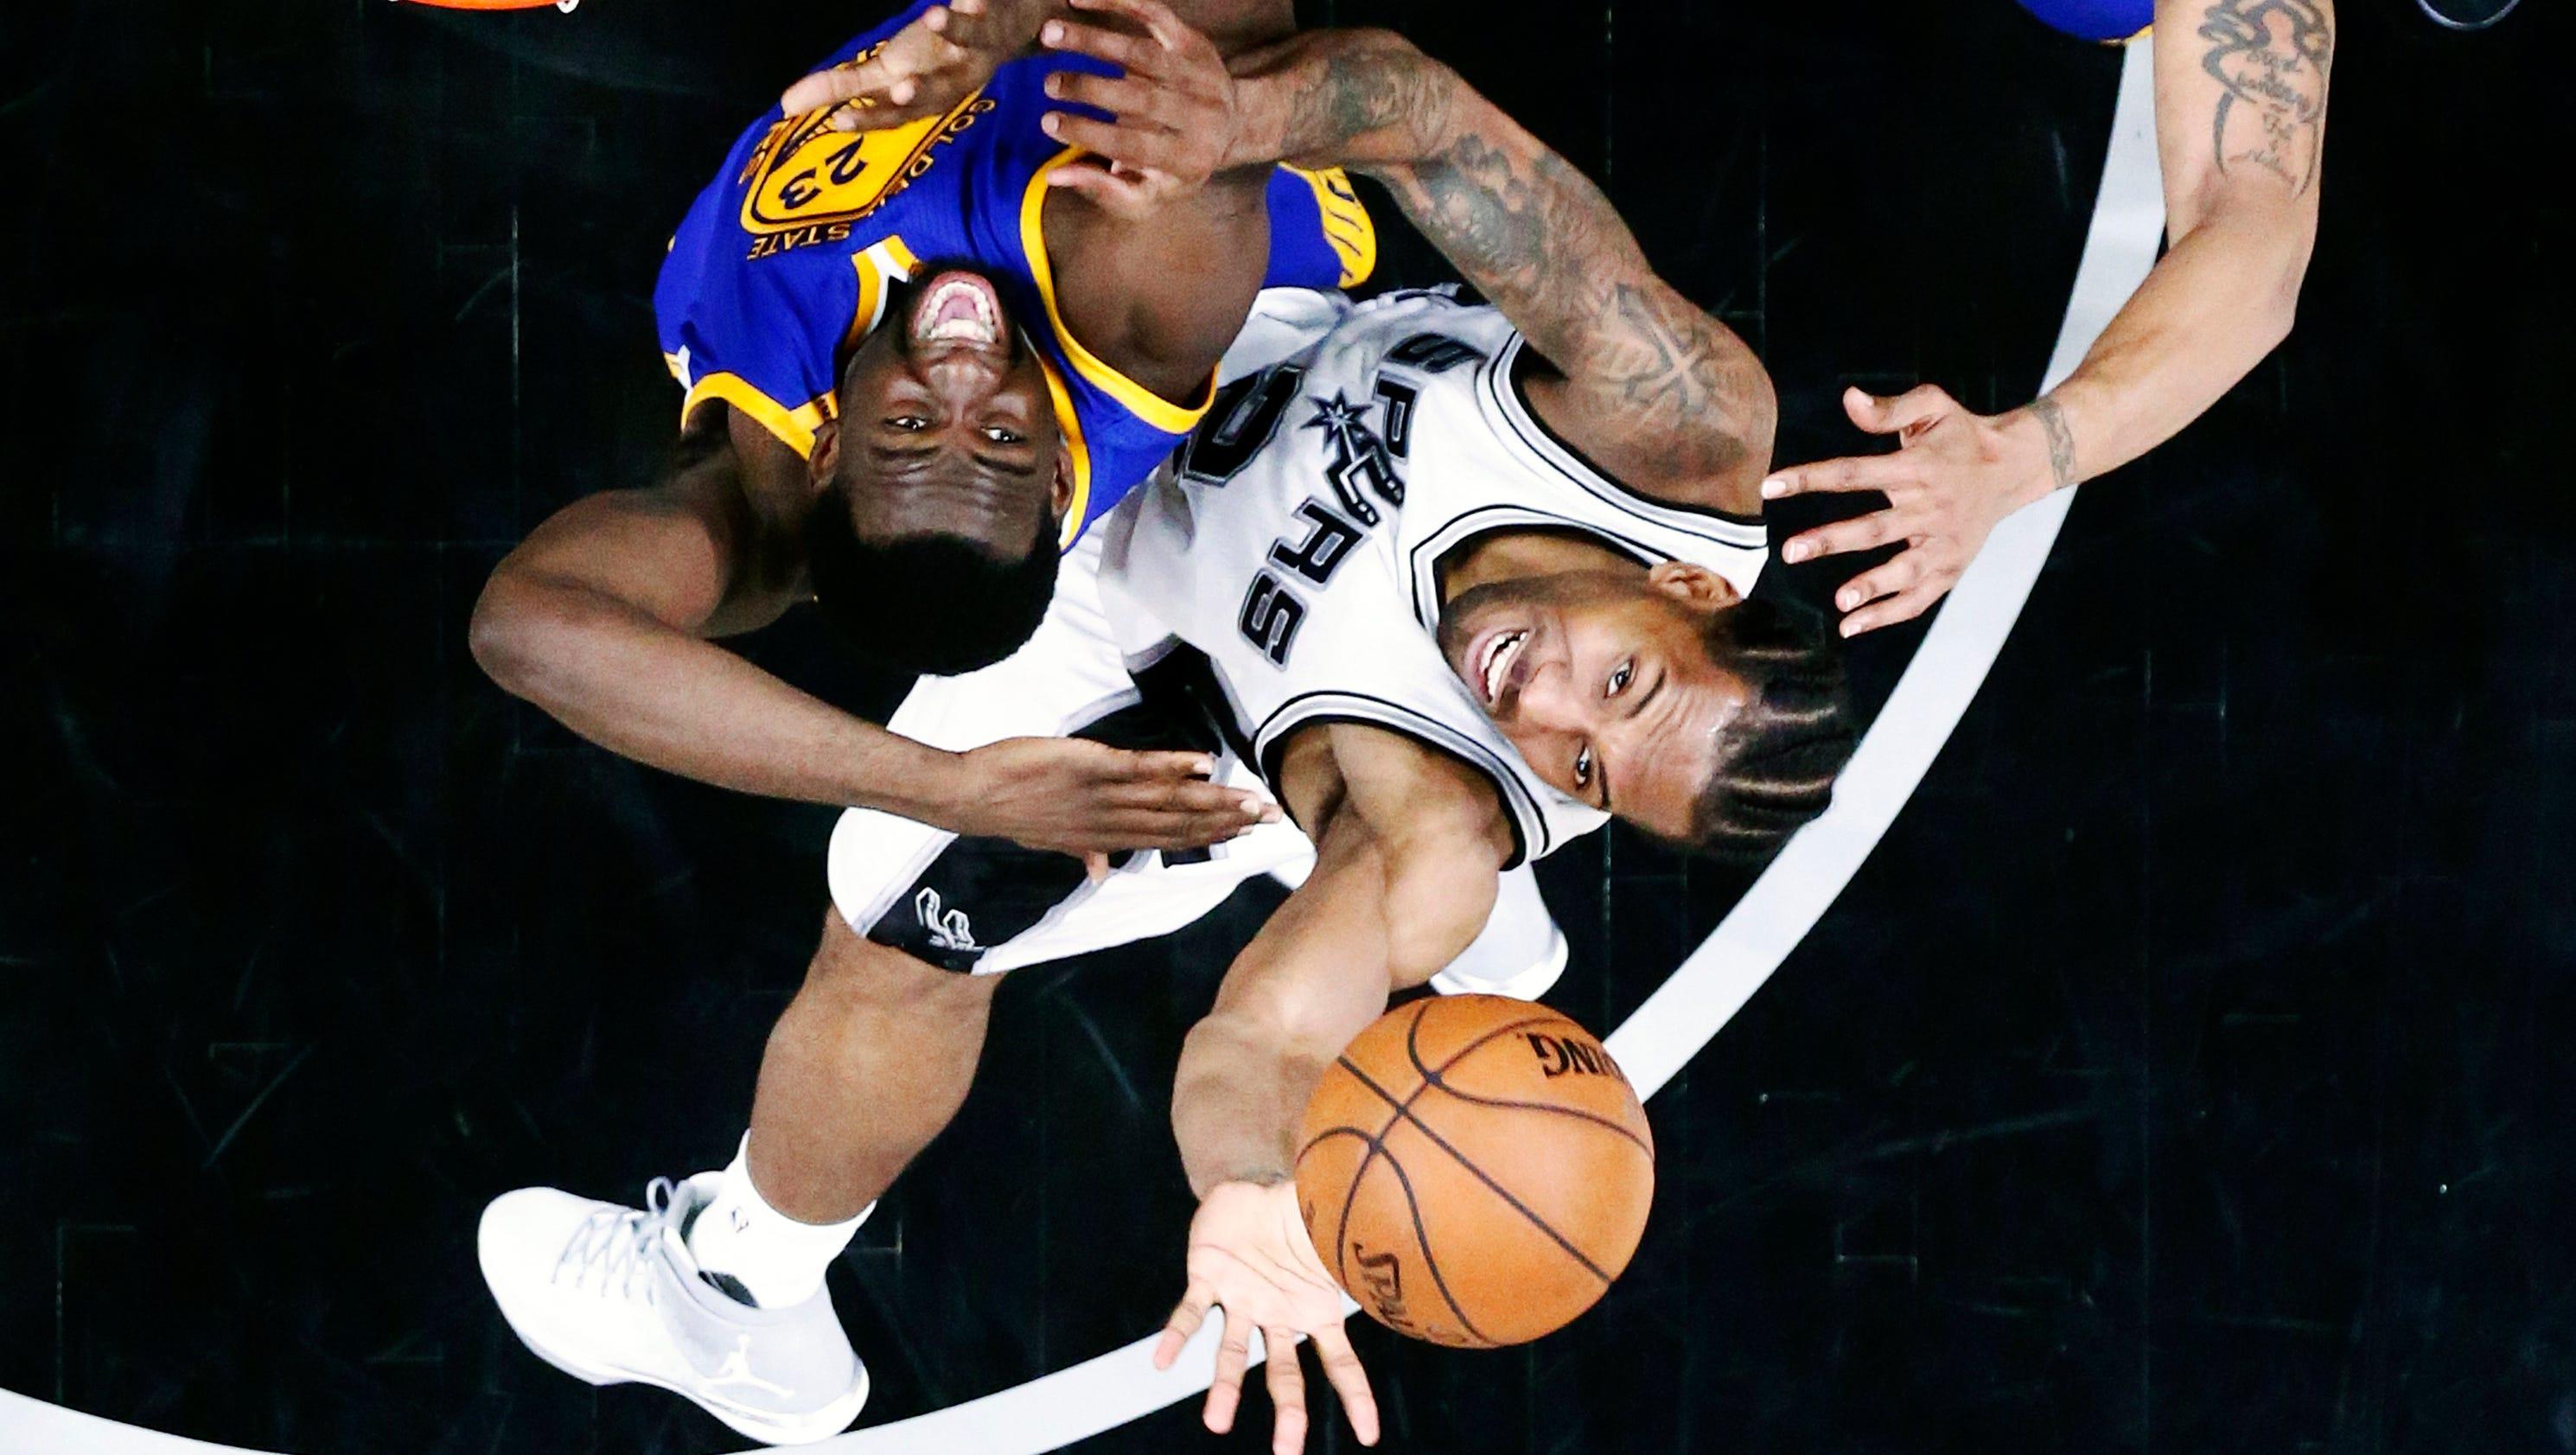 636302887463295104-epa-usa-basketball-nba